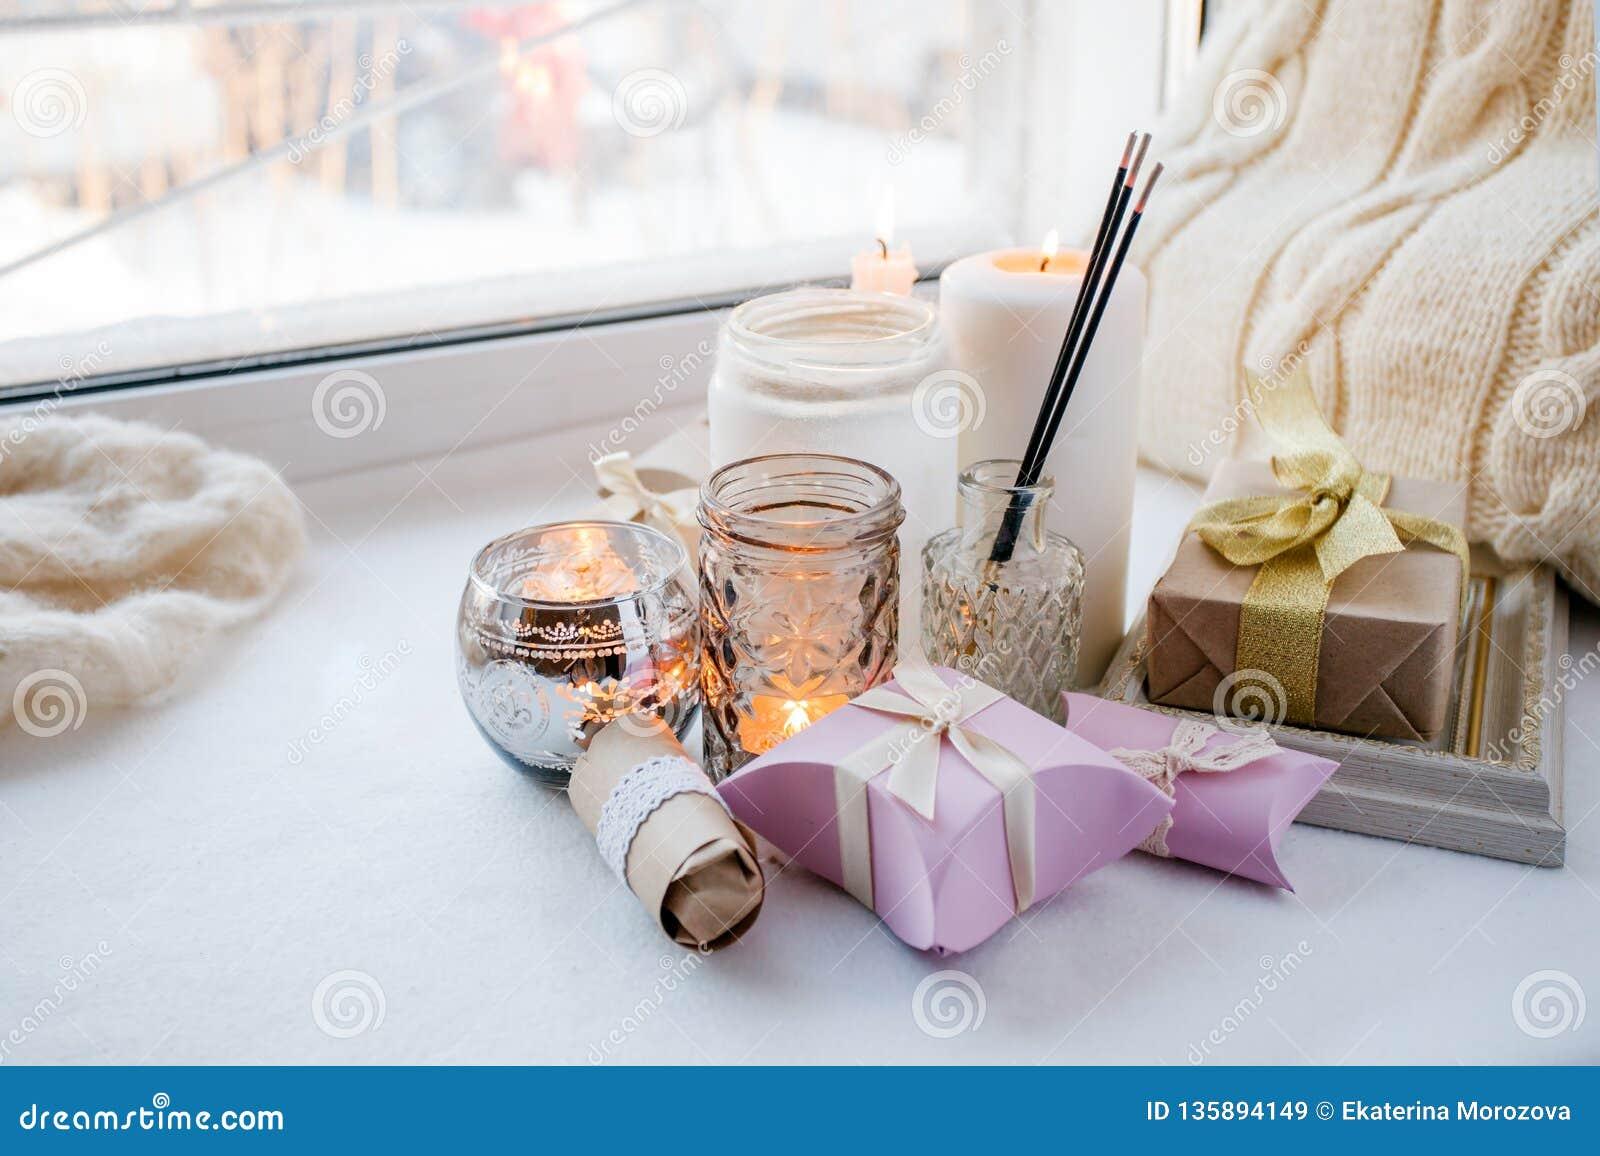 Decoración interior casera en colores marrones: tarro de cristal con el palillo del aroma, las velas y la caja de regalo romántic